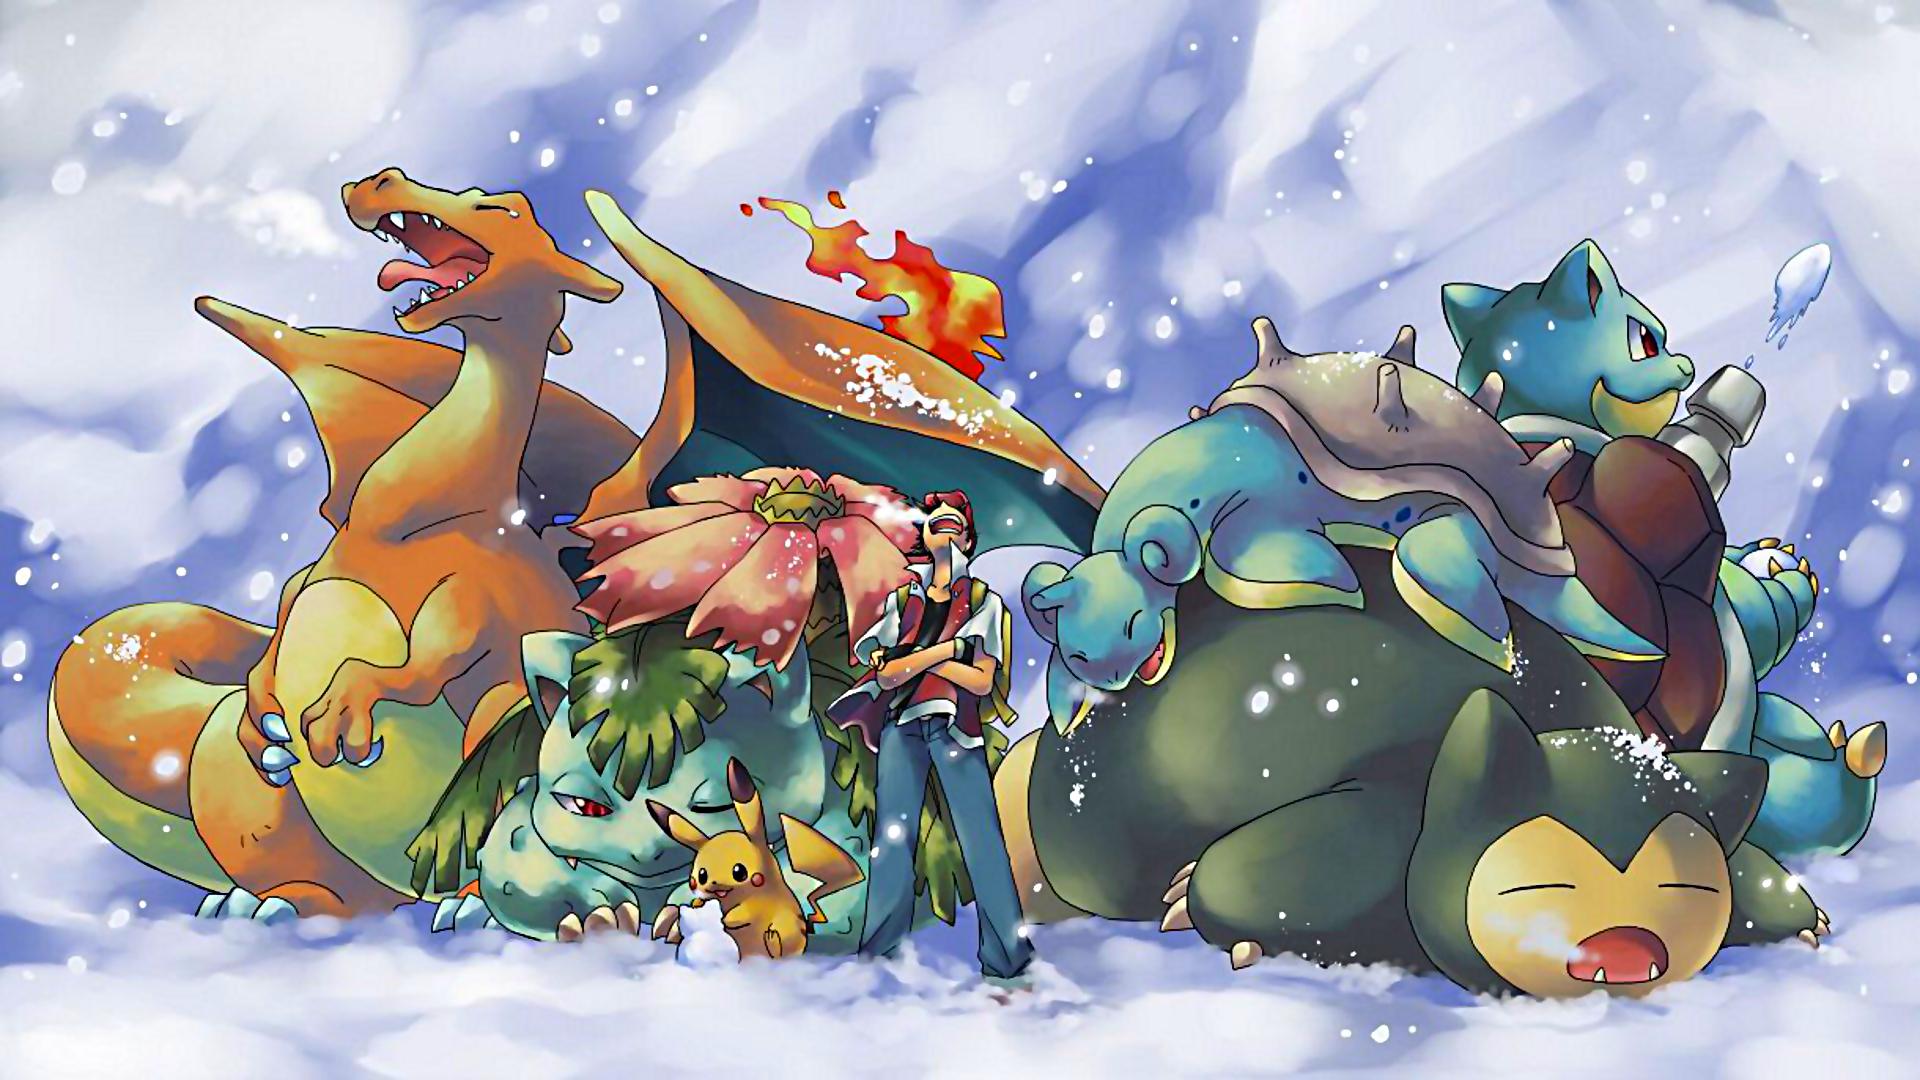 Pokemon Winter HD Wallpaper by